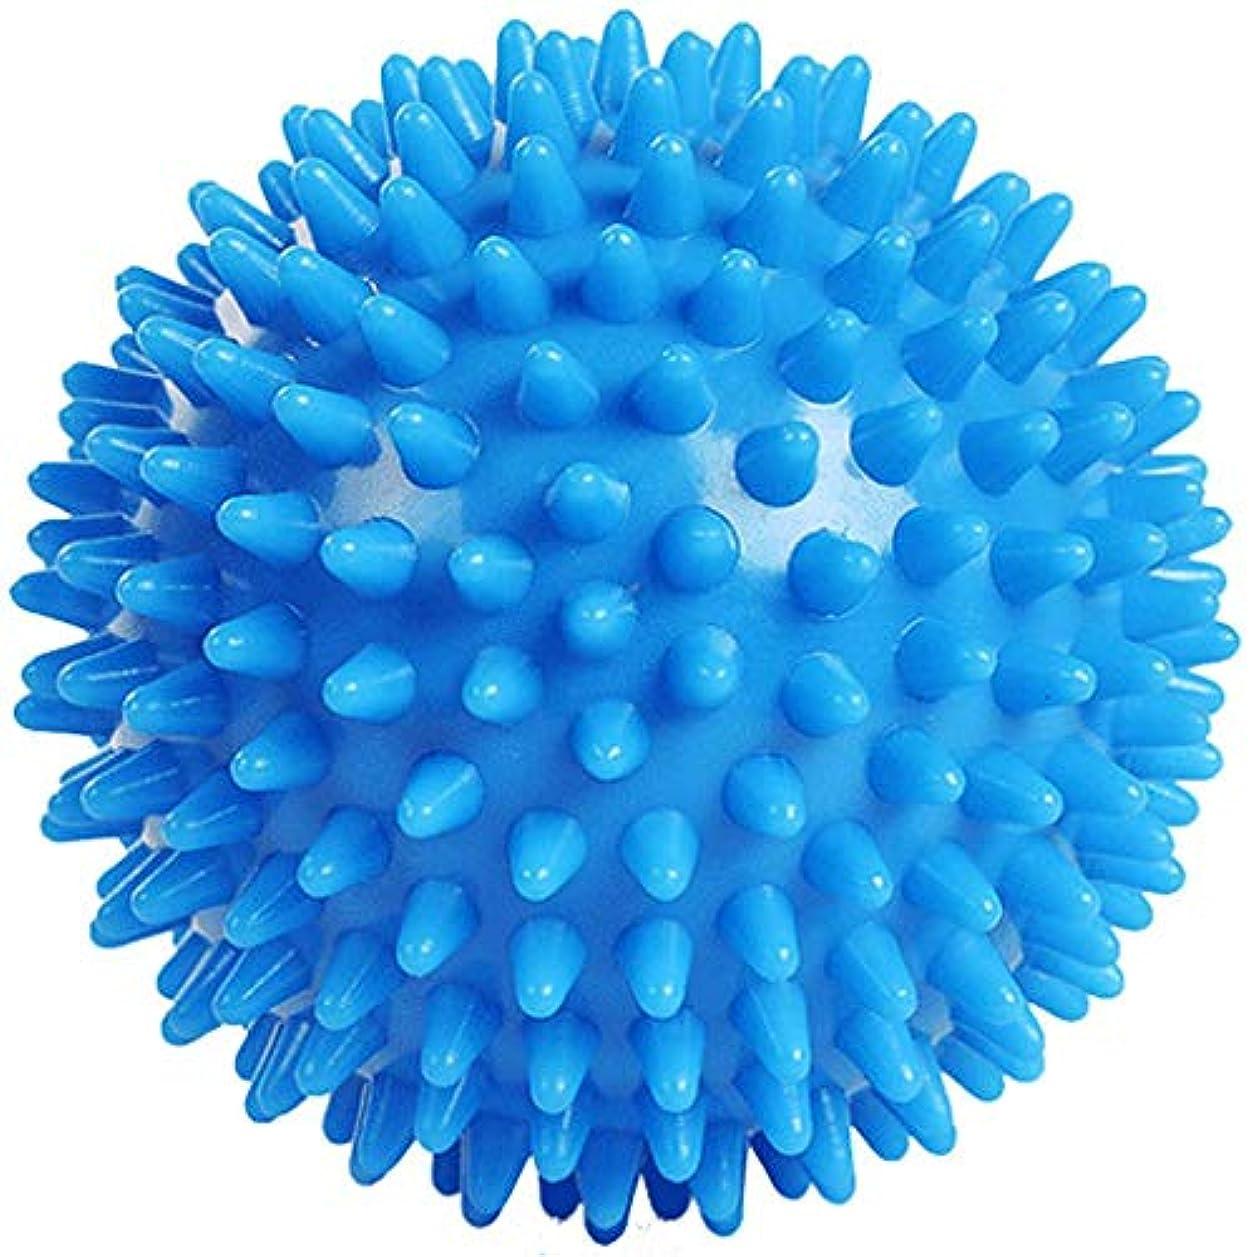 色合いインデックス修正するKOROWA リフレックスボール 触覚ボール 足裏手 背中のマッサージボール リハビリ マッサージ用 血液循環促進 筋肉緊張 圧迫で解きほぐす